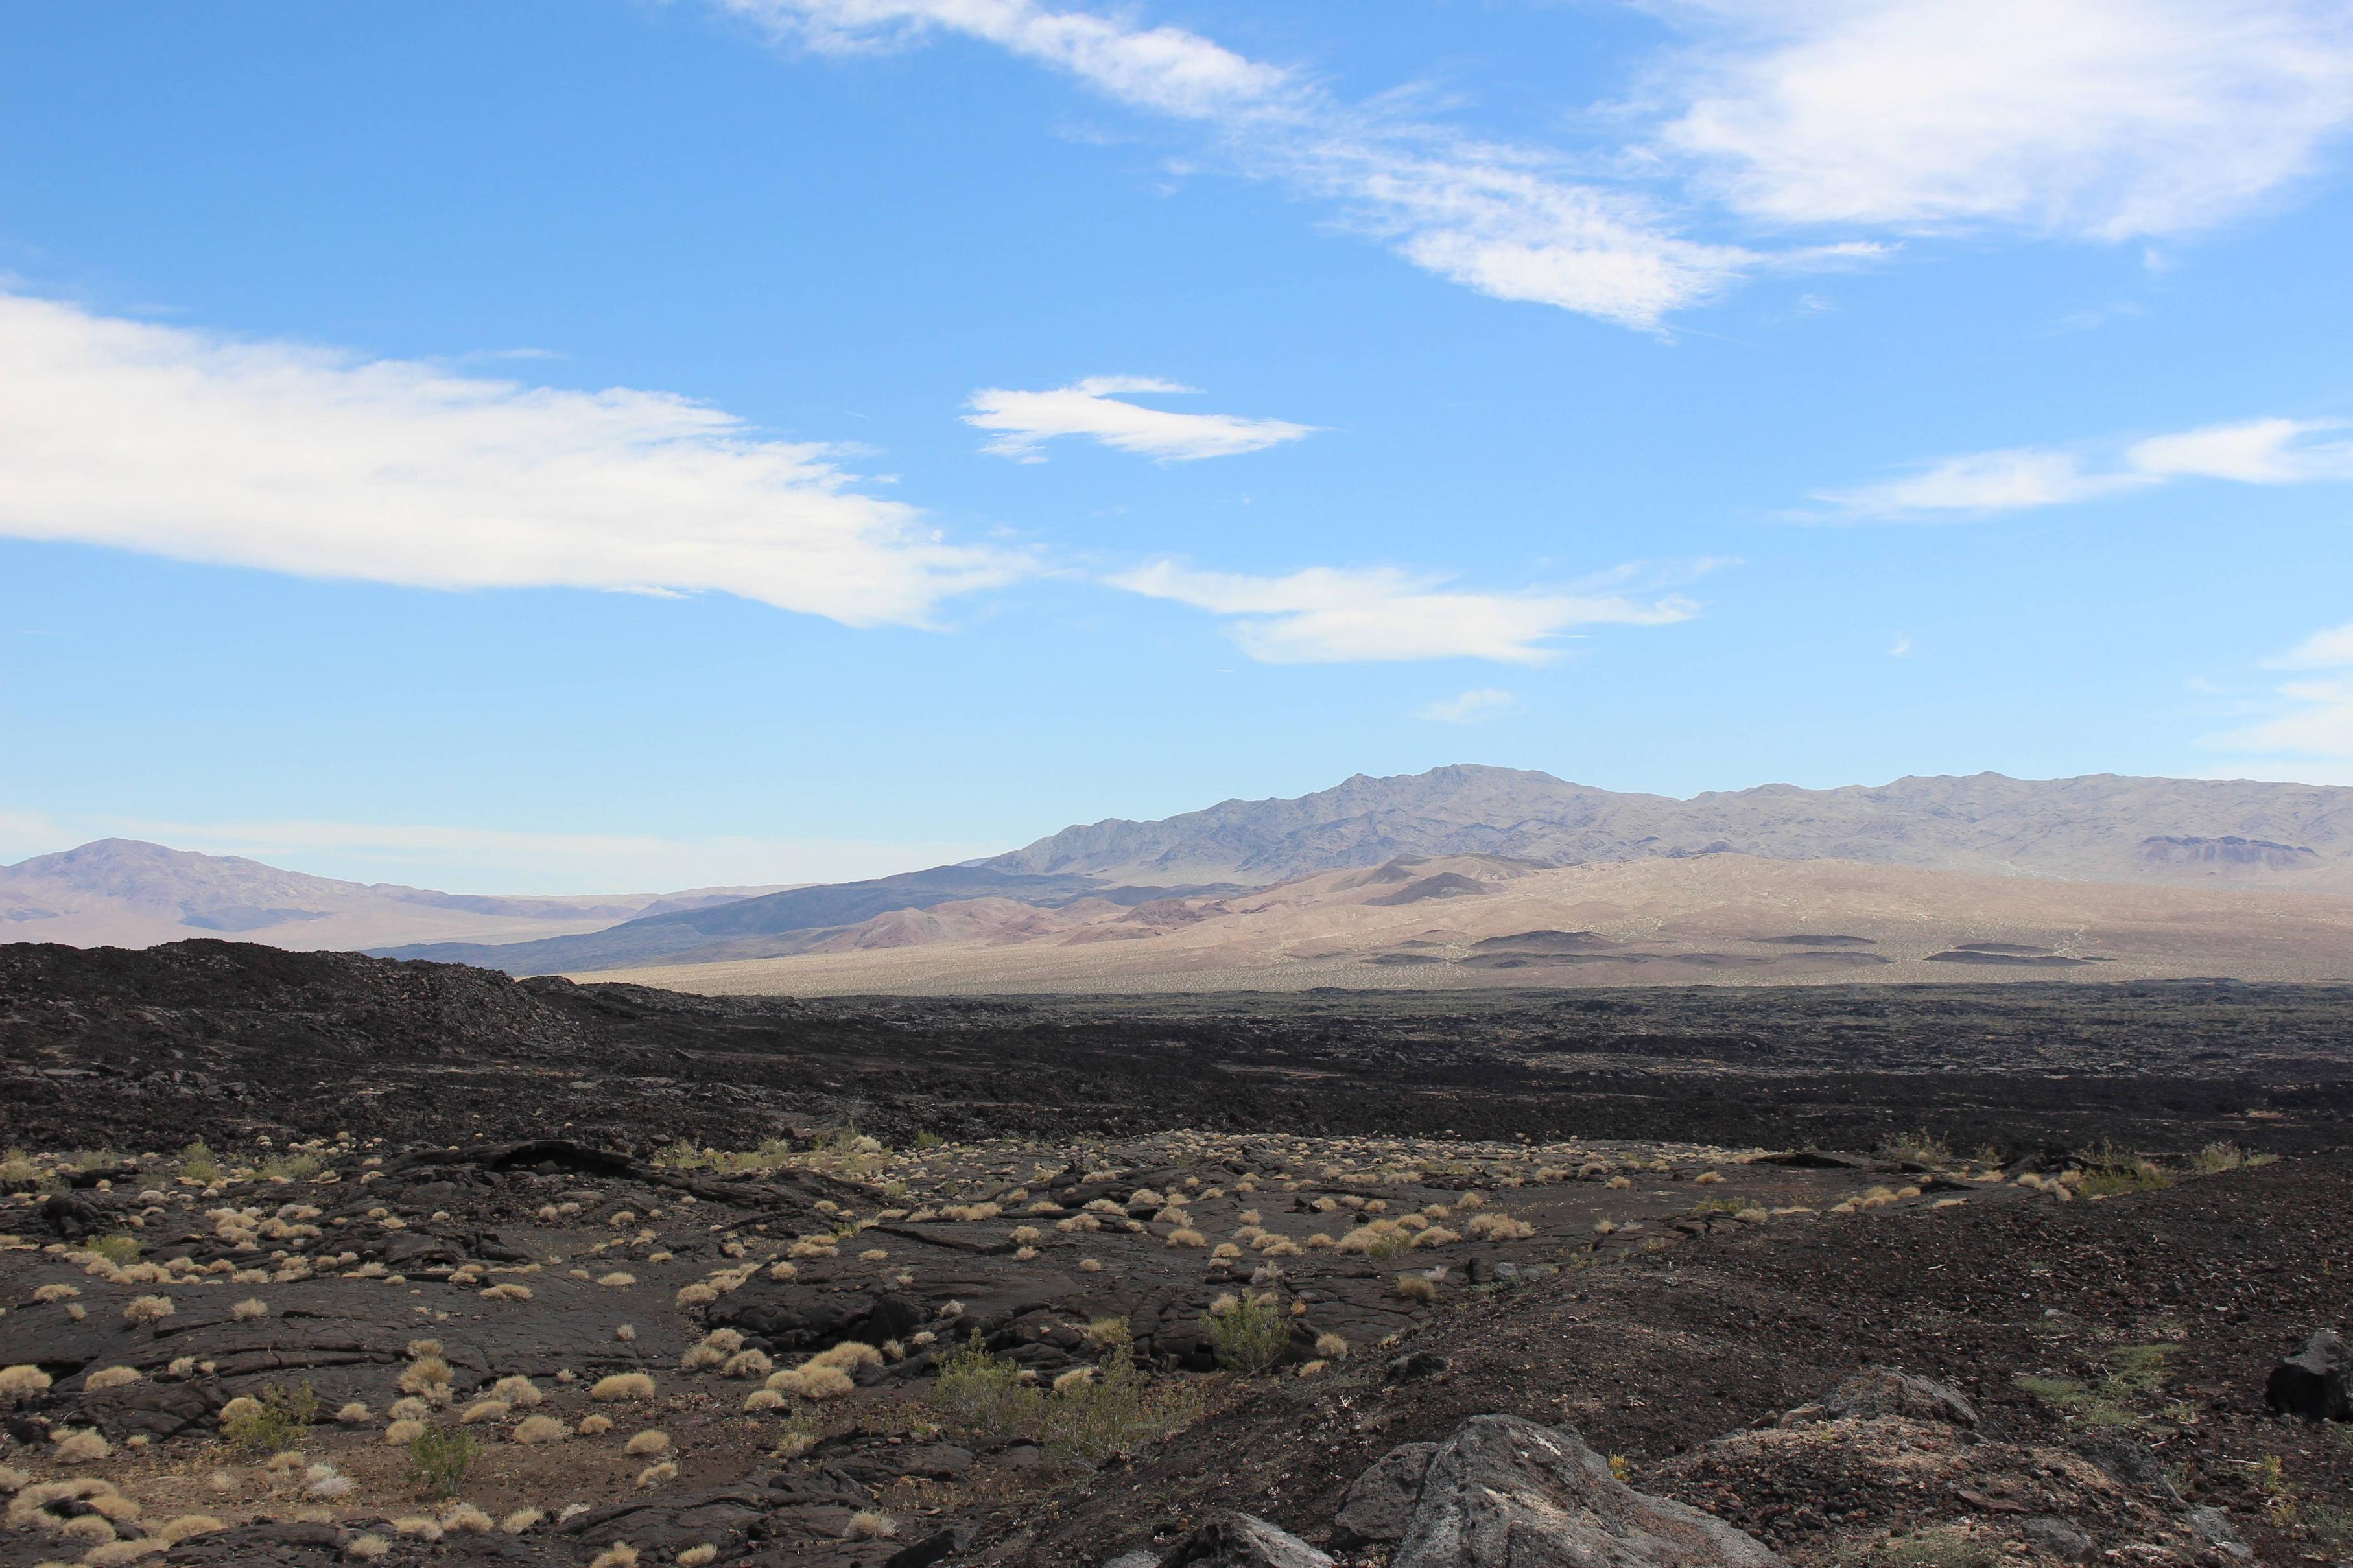 [OC]Mojave Desert [3629x2419]